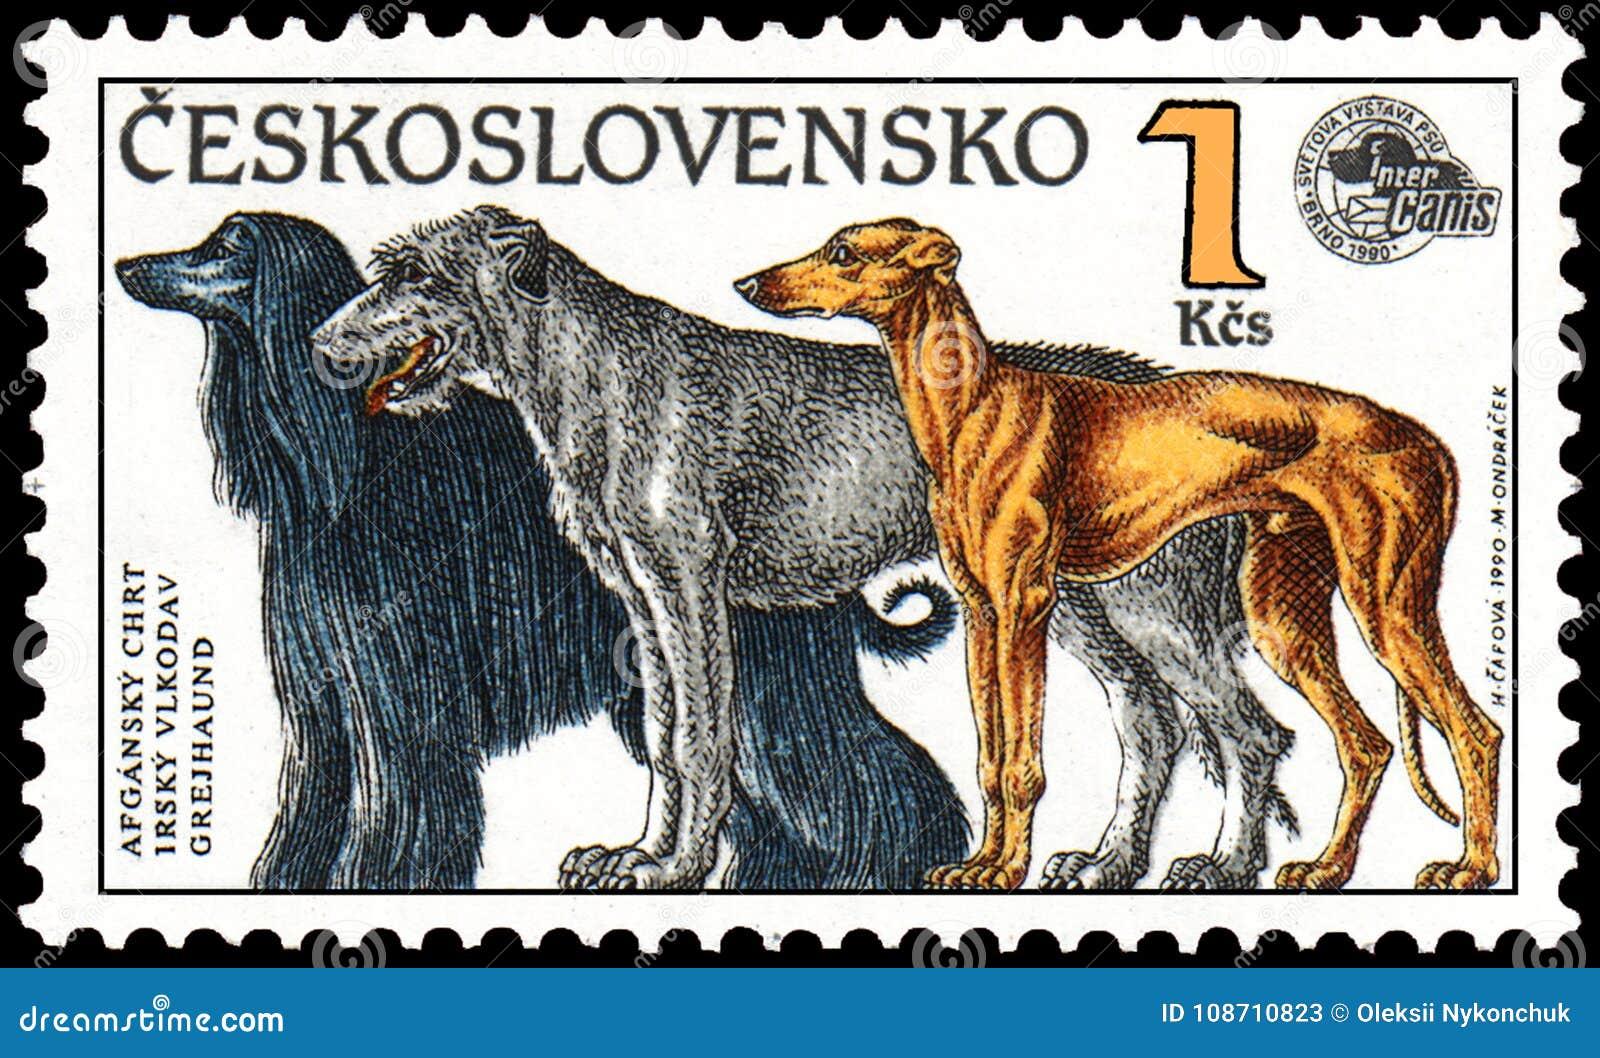 捷克斯洛伐克-大约1990年:盖印,打印在捷克斯洛伐克,展示一只阿富汗猎犬,爱尔兰猎犬,灵狮,系列世界狗